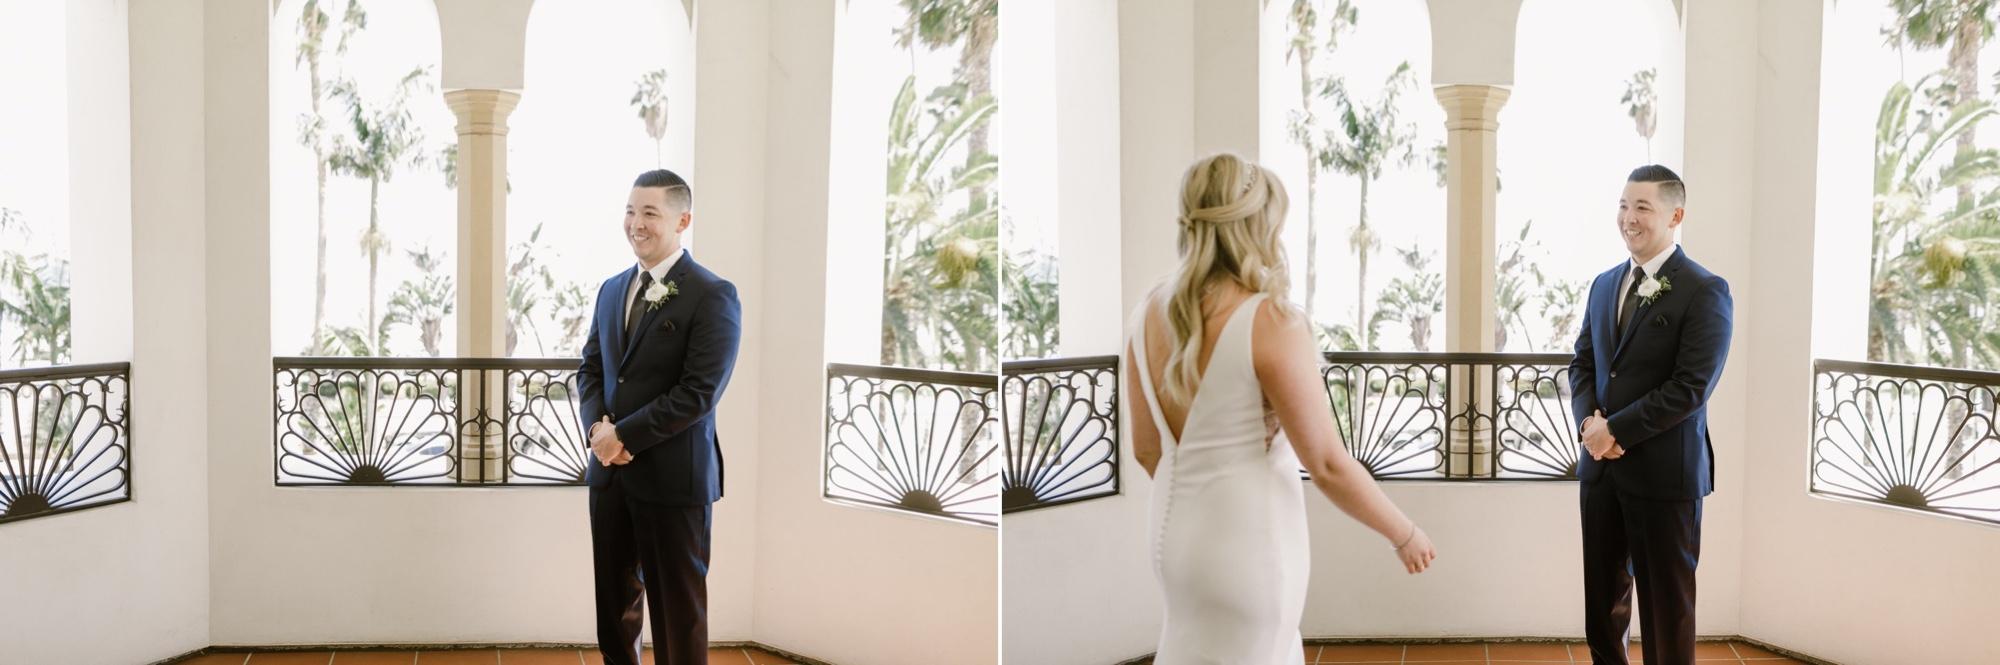 10_Ally and Tommy's Wedding-304_Ally and Tommy's Wedding-303.jpg